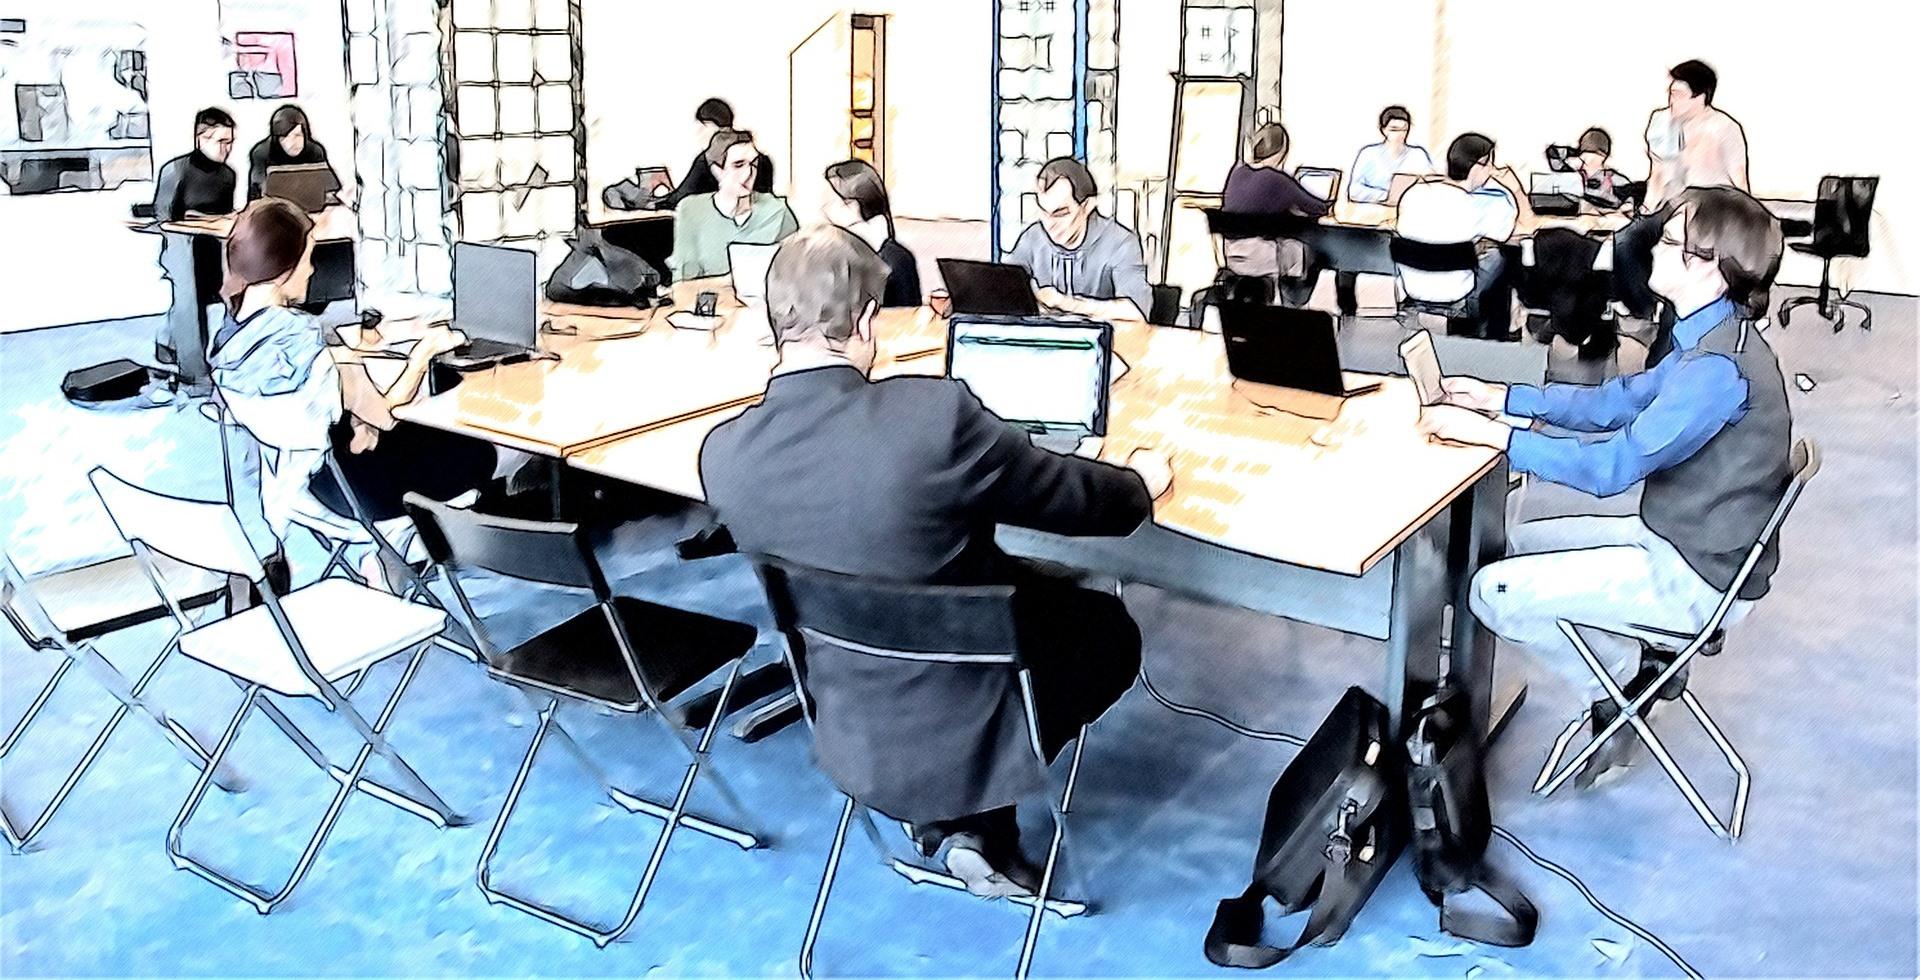 ניהול קיבוץ - חדשנות בעולם תעסוקתי עתידי